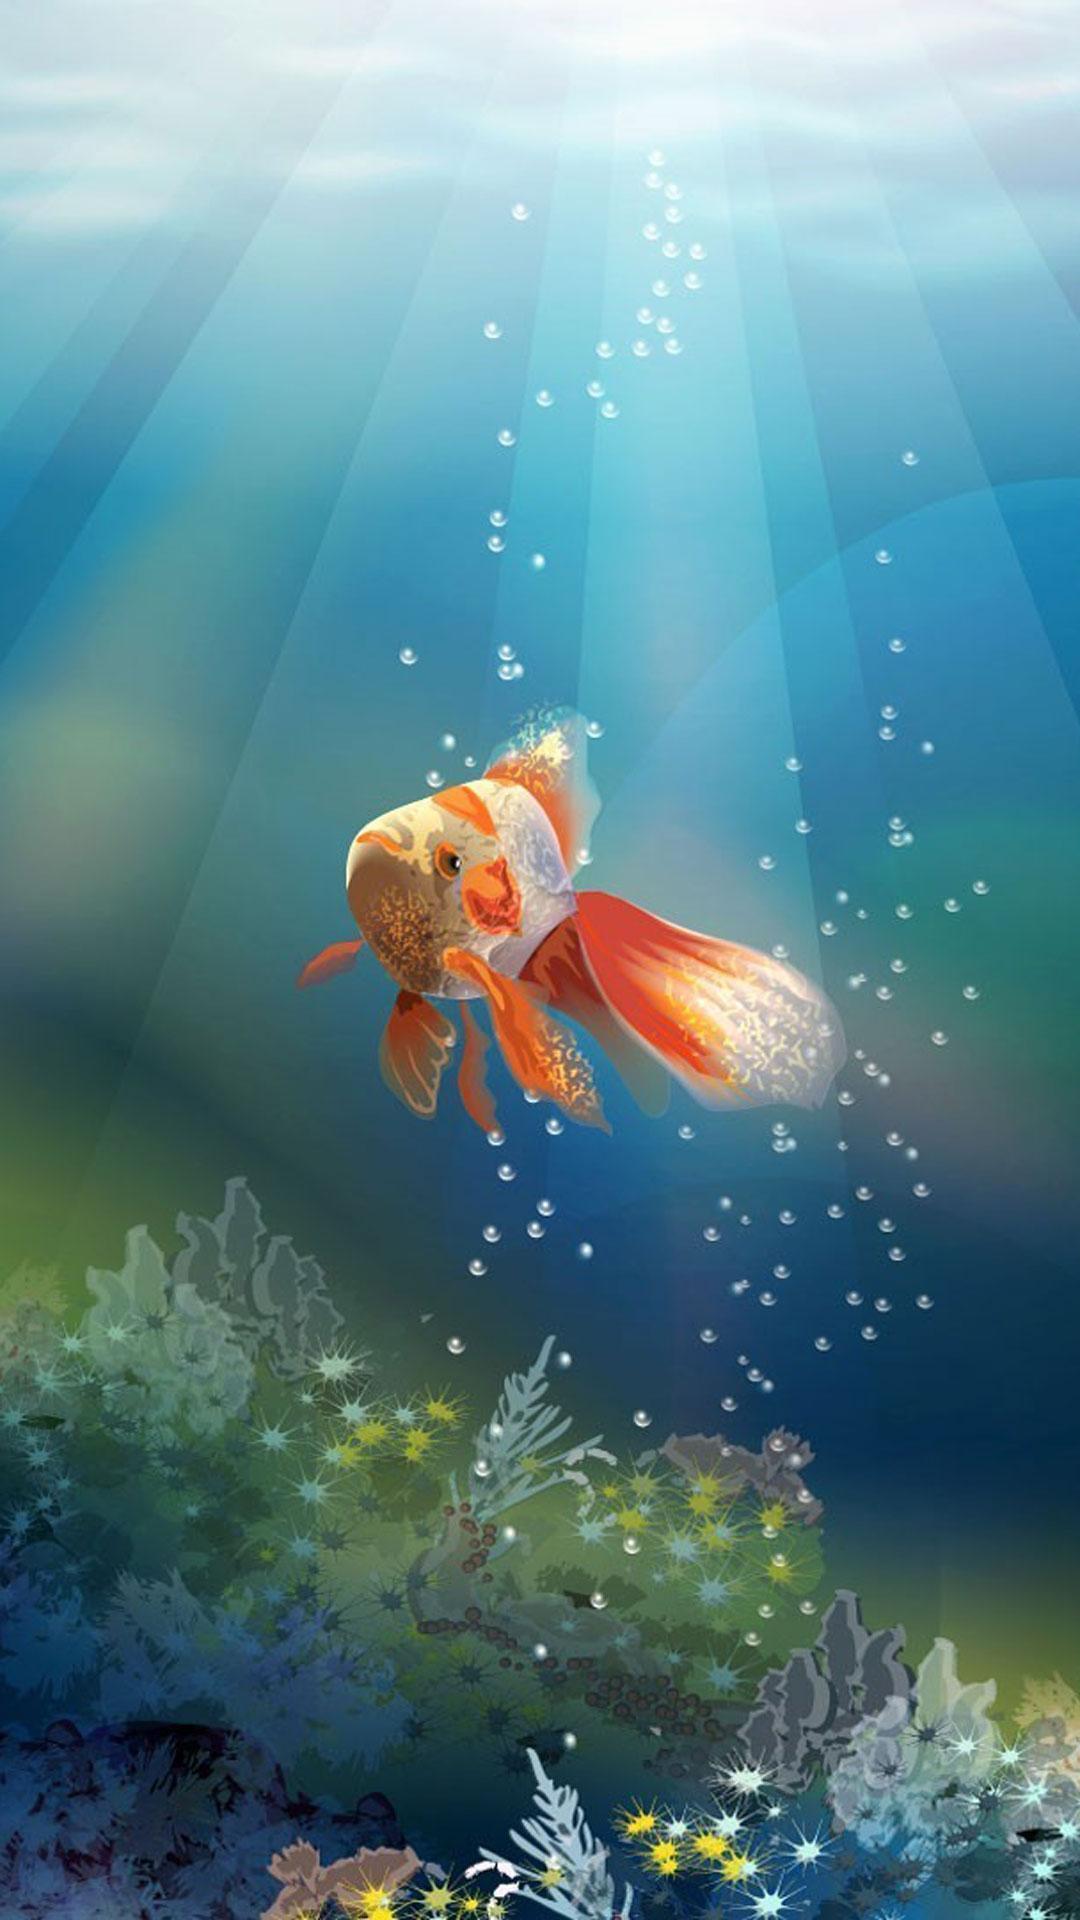 Android 用の 金魚 ライブ壁紙 Apk をダウンロード